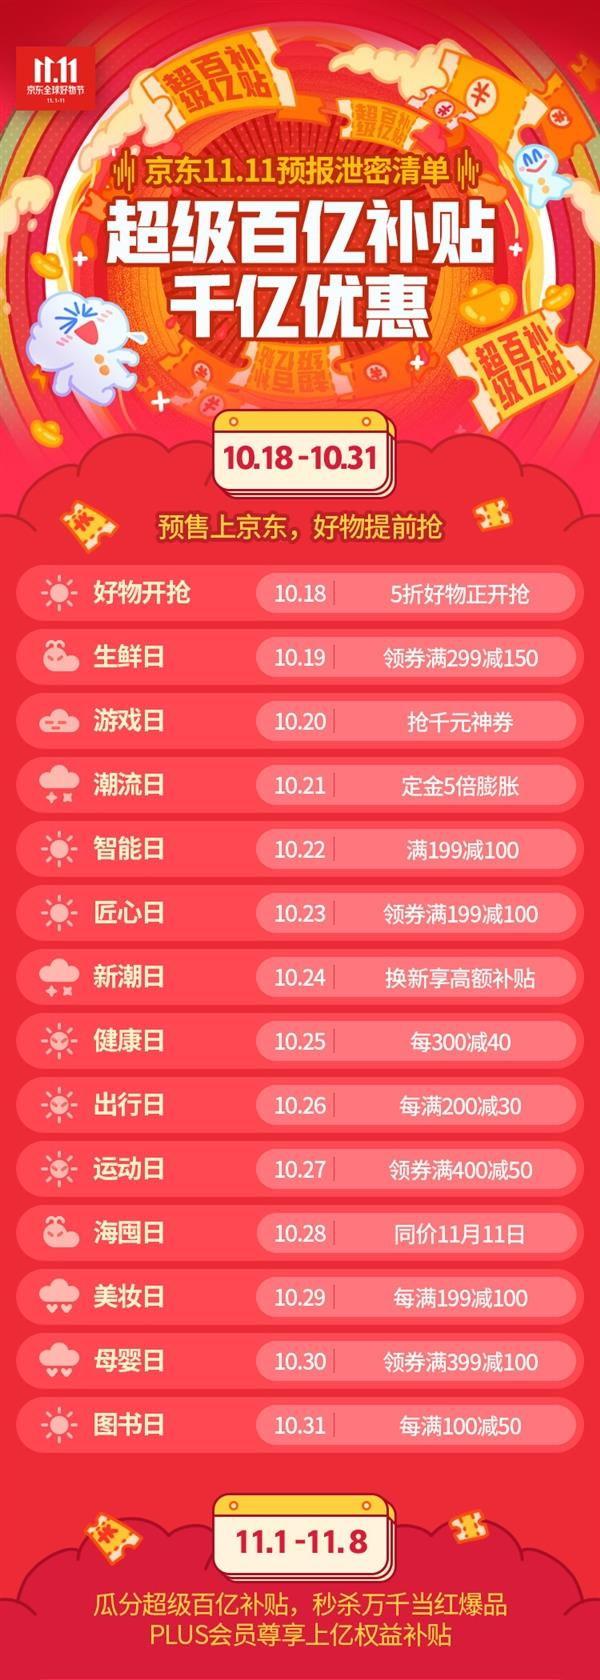 杨紫成为京东全新品牌代言人,并公布双11超级大优惠-玩懂手机网 - 玩懂手机第一手的手机资讯网(www.wdshouji.com)